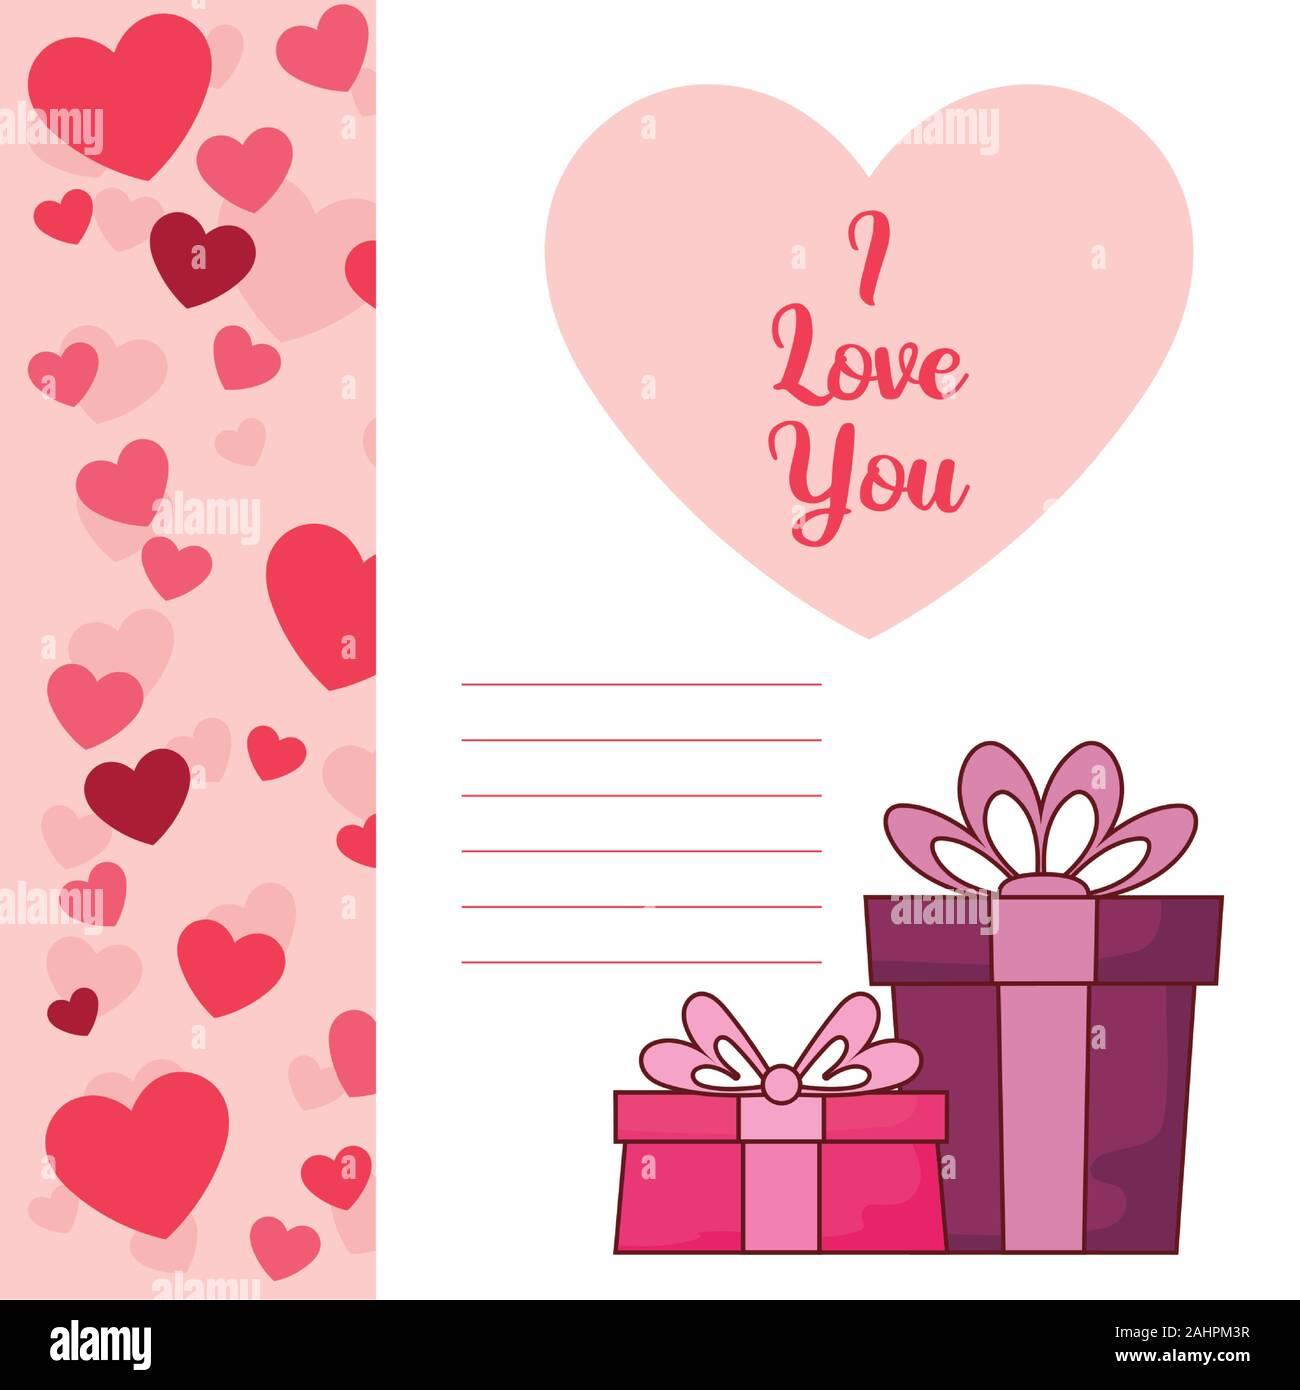 Geschenke Design Von Happy Valentines Tag Liebe Leidenschaft Romantische Hochzeit Dekoration Und Ehe Thema Vector Illustration Stock Vektorgrafik Alamy